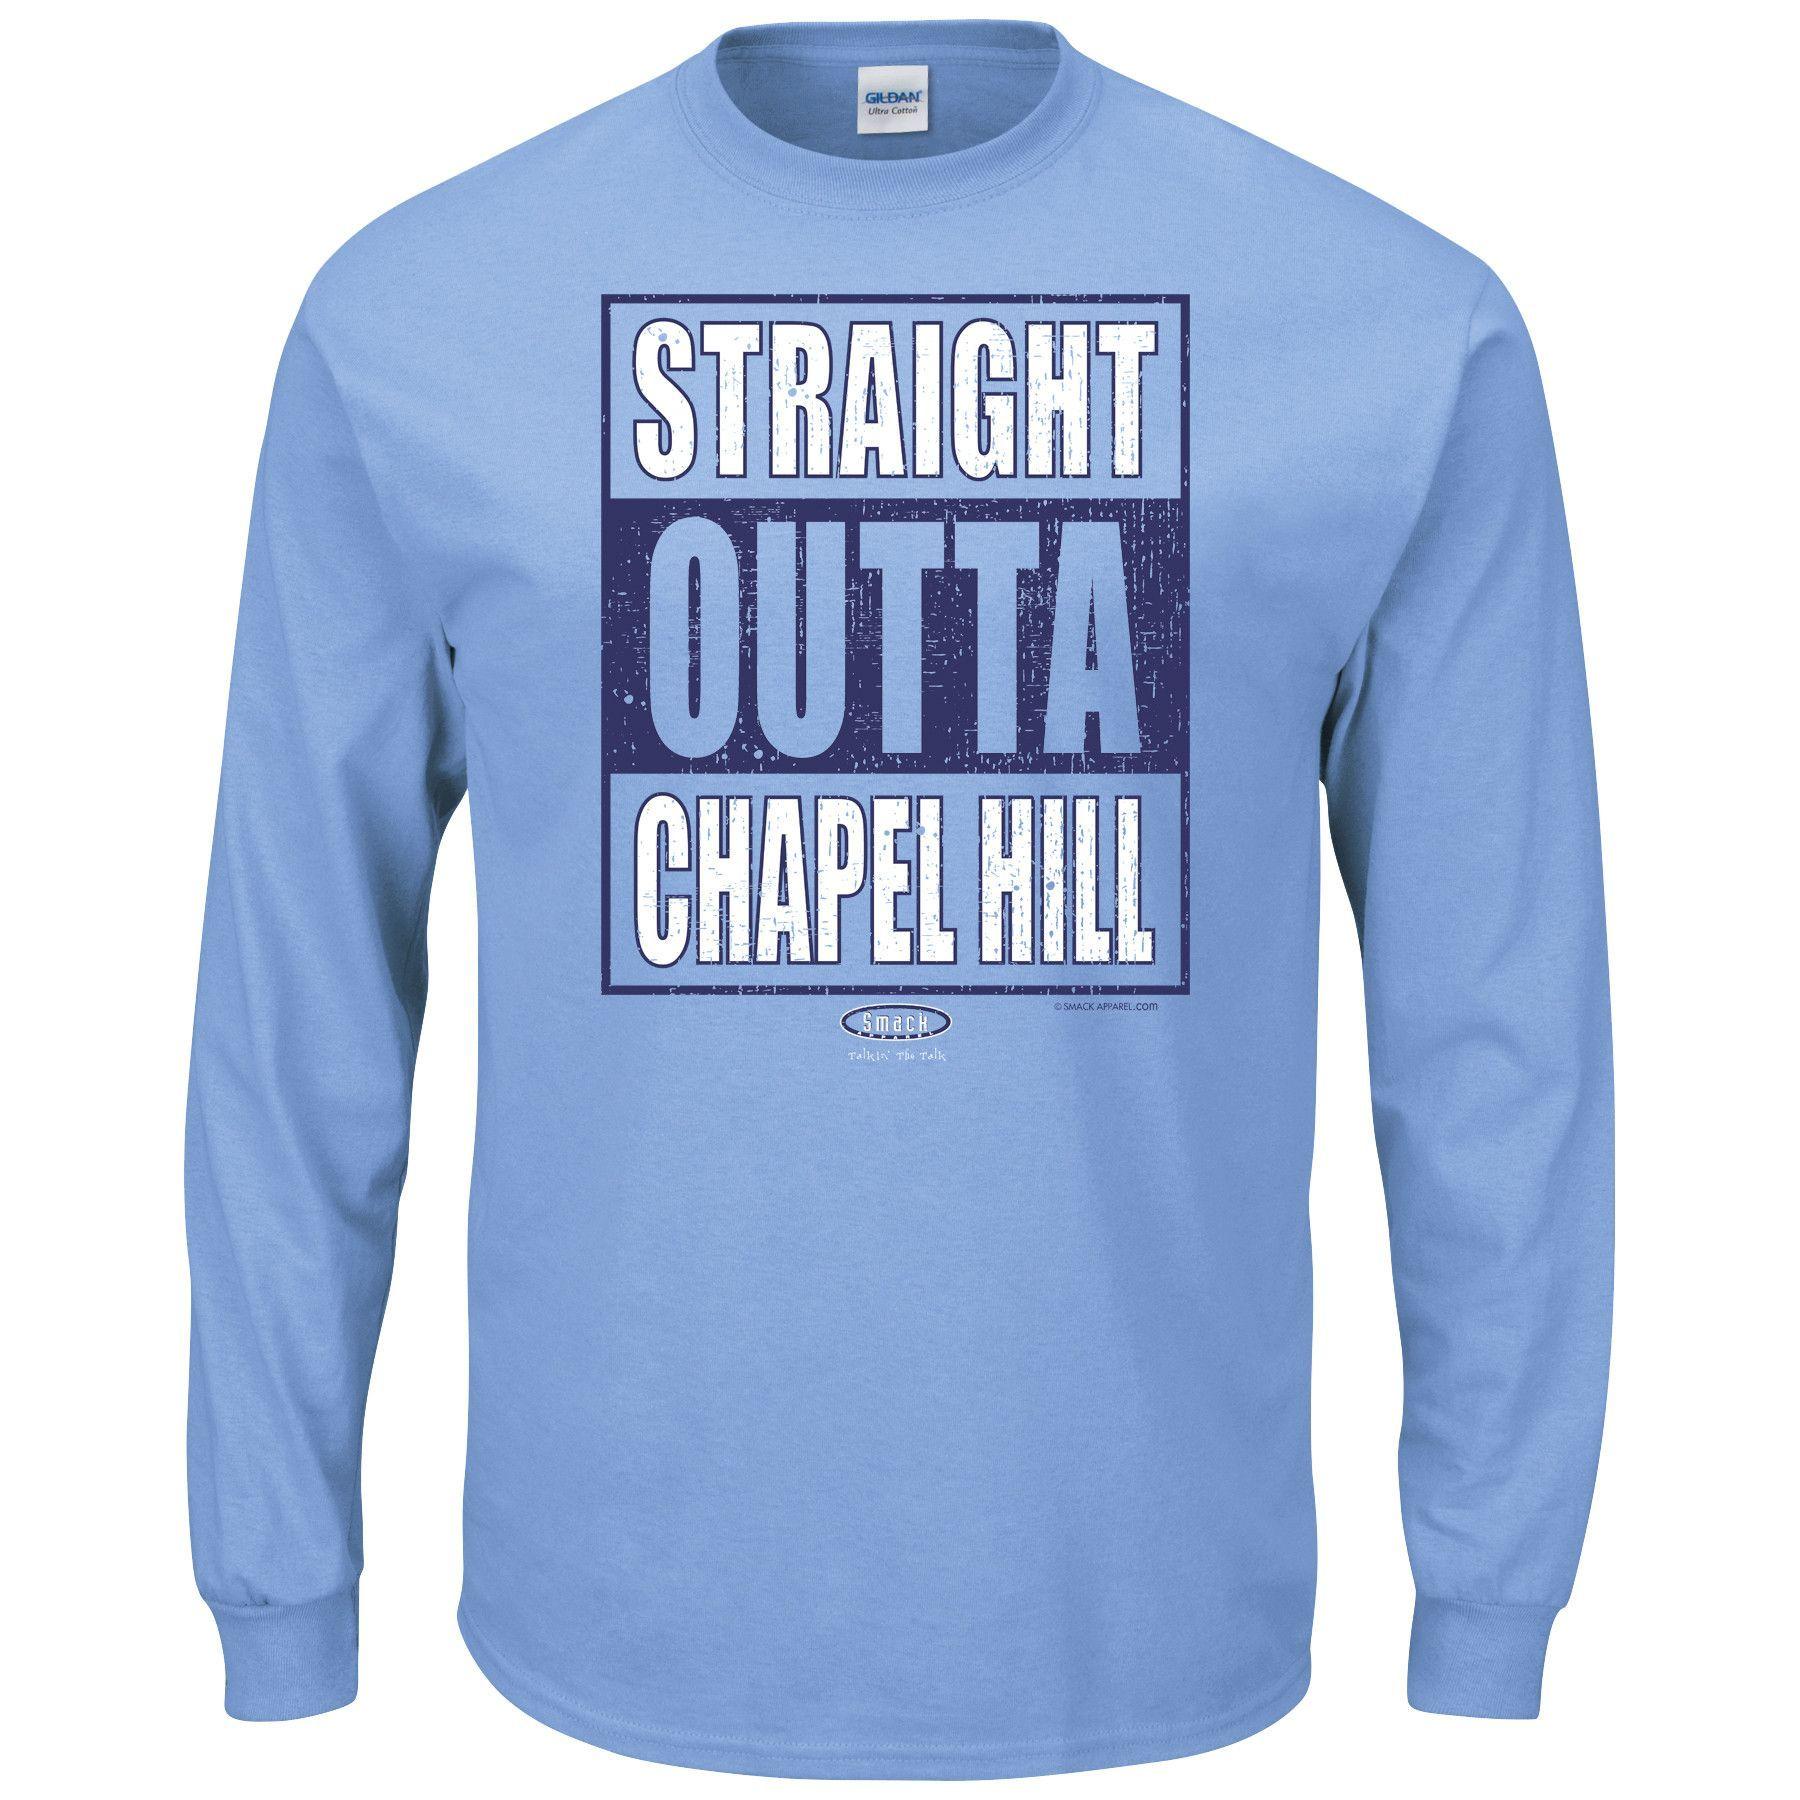 North Carolina Tar Heels Fans Straight Outta Chapel Hill Long